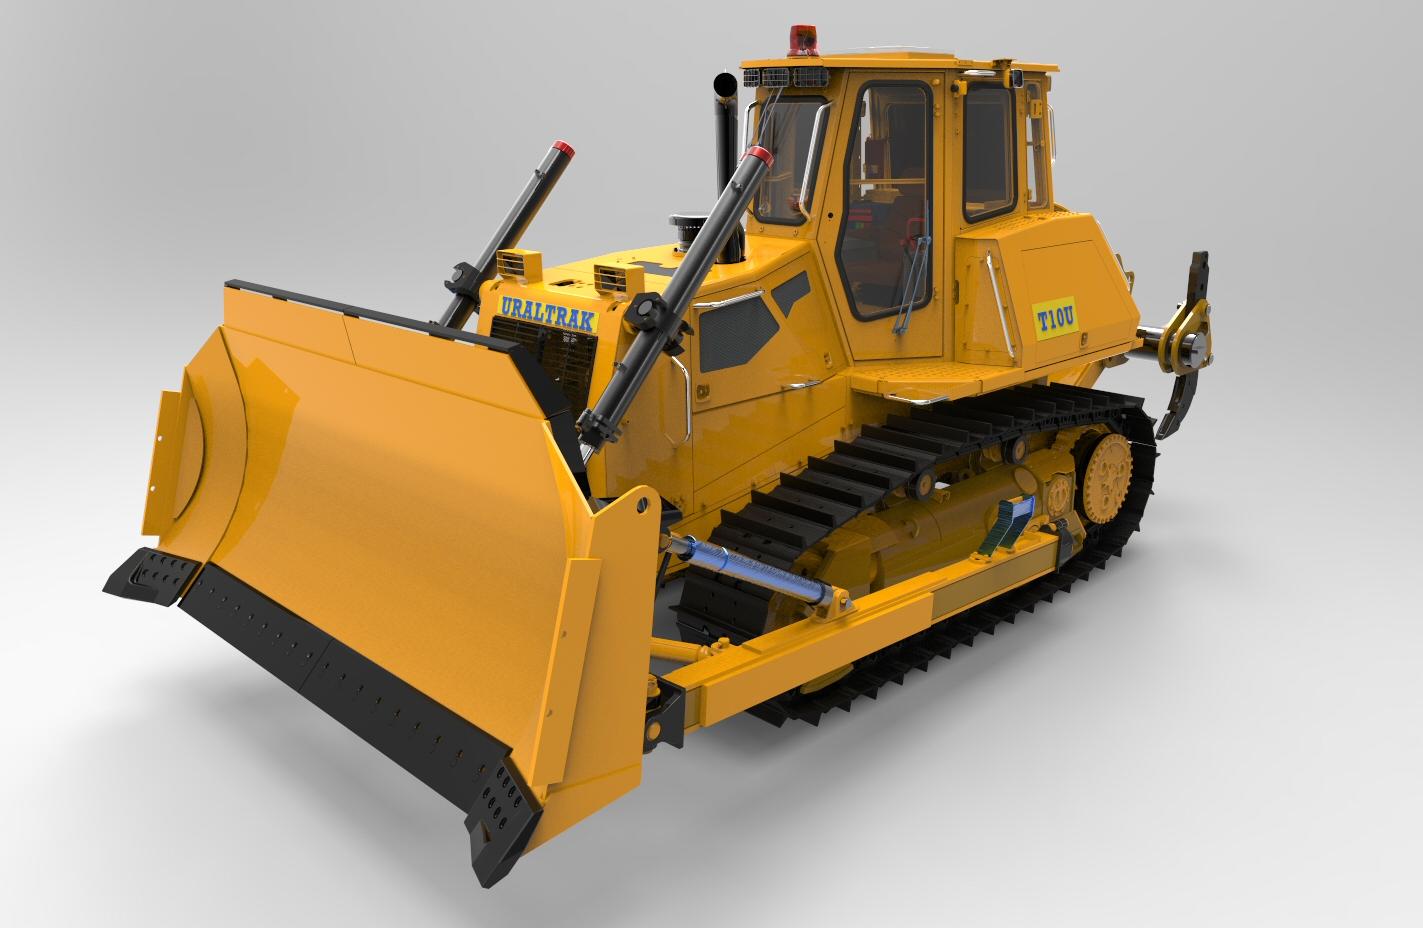 Bulldozer2.jpg